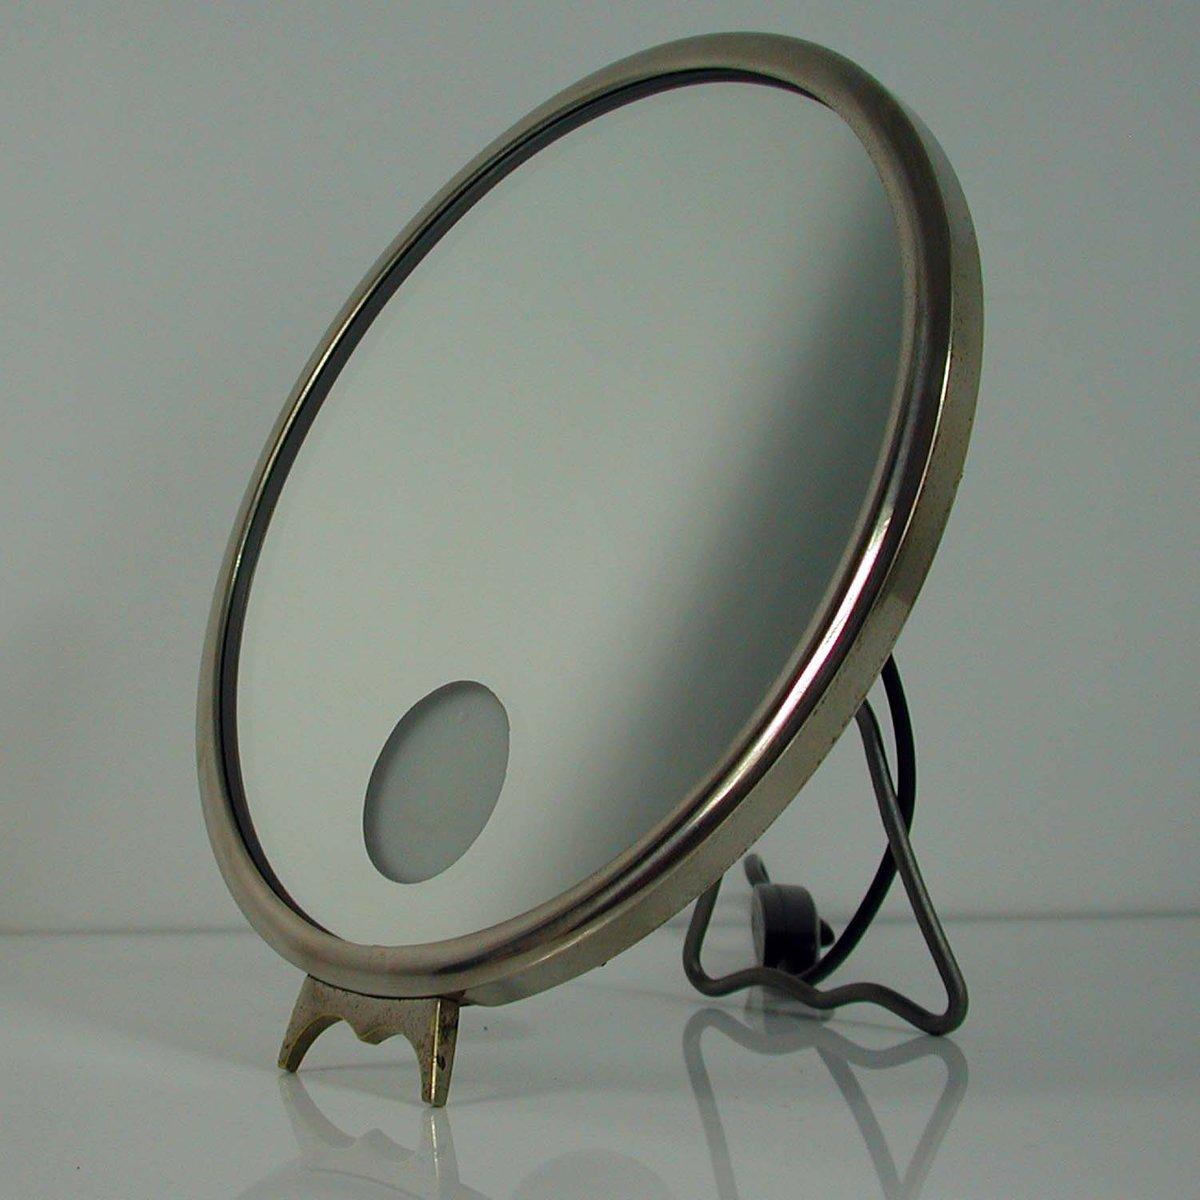 beleuchteter le mirophar kosmetikspiegel von brot 1930er. Black Bedroom Furniture Sets. Home Design Ideas